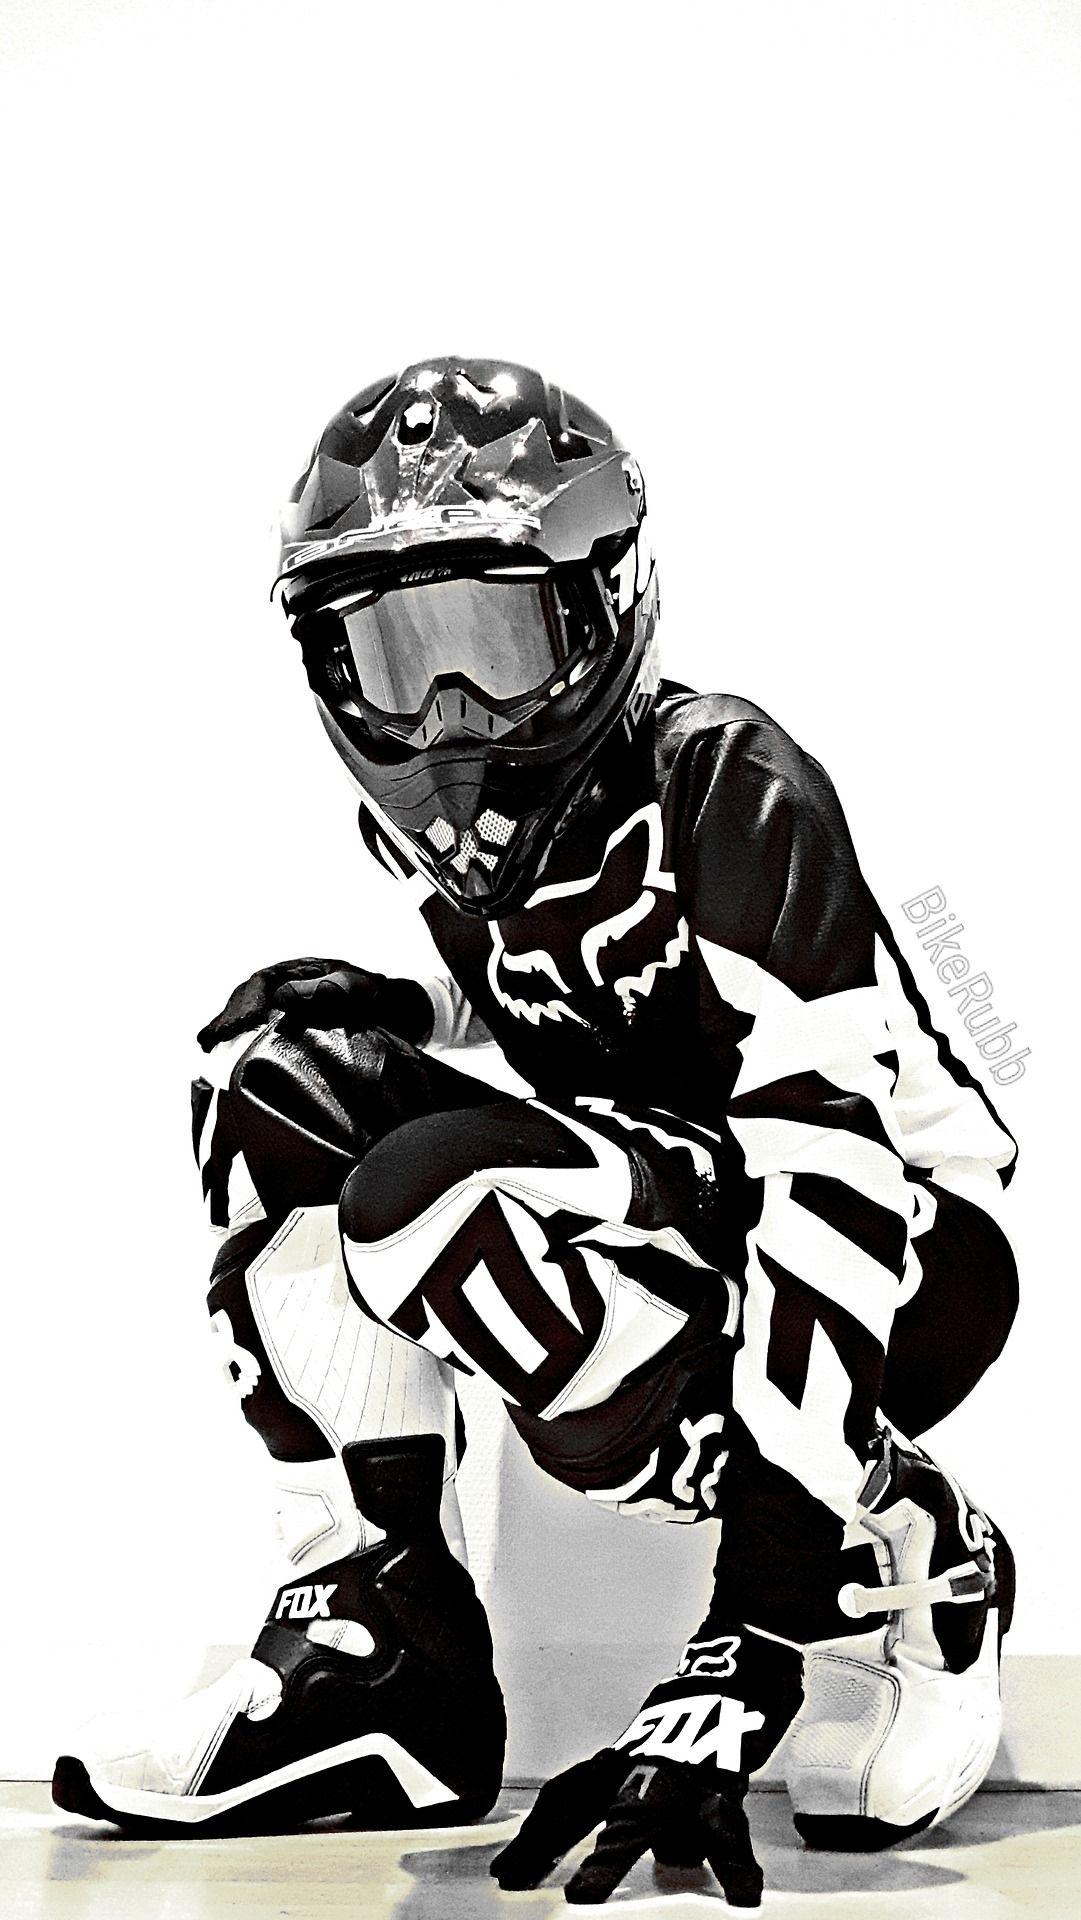 Pin By Kennypollard On Crotch Rockets In 2020 Motocross Gear Dirt Bike Girl Motocross Girls